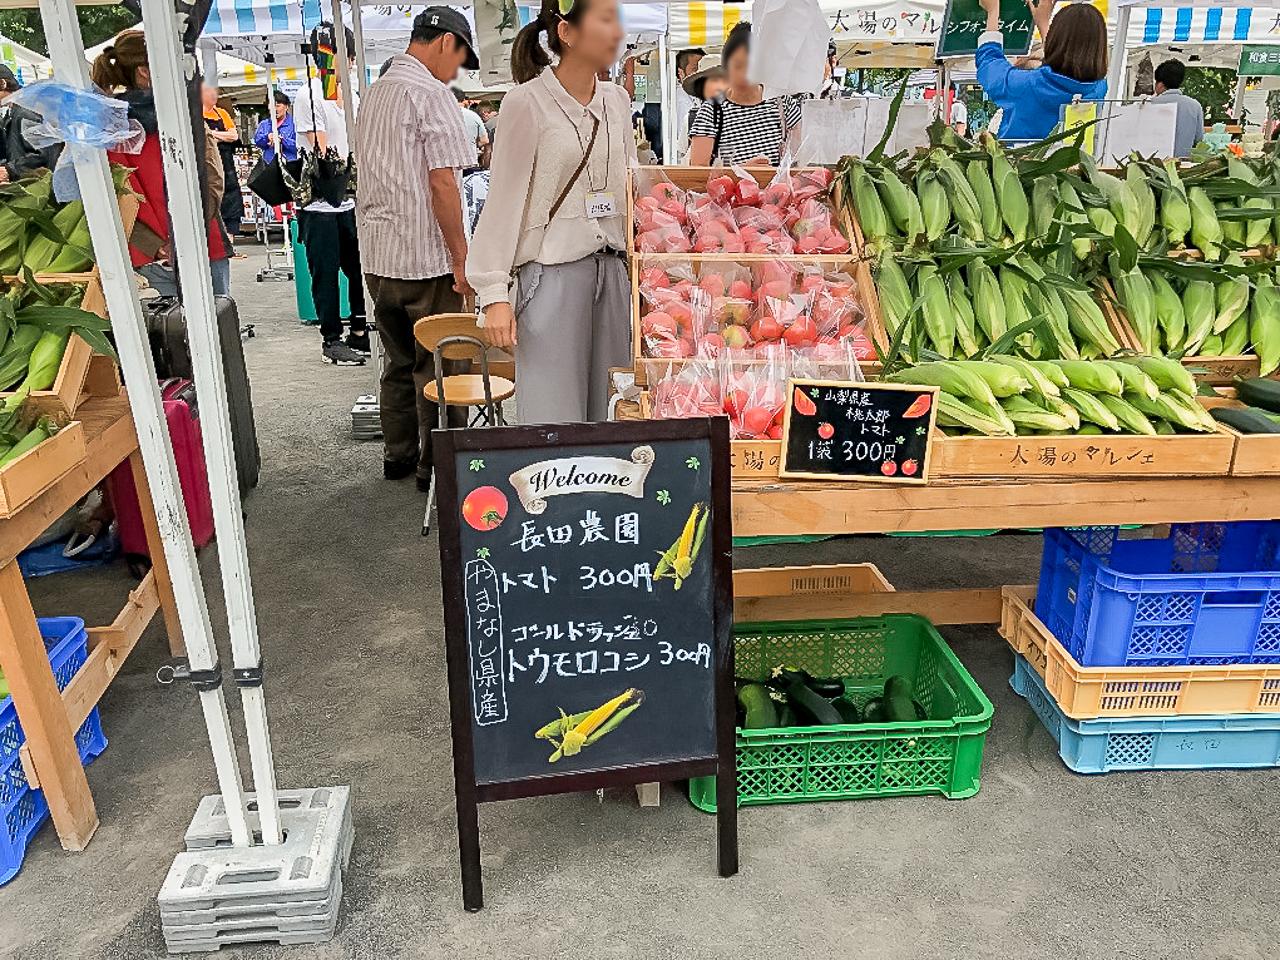 勝どきのファーマーズマーケット「太陽のマルシェ」に出店していた長田農園